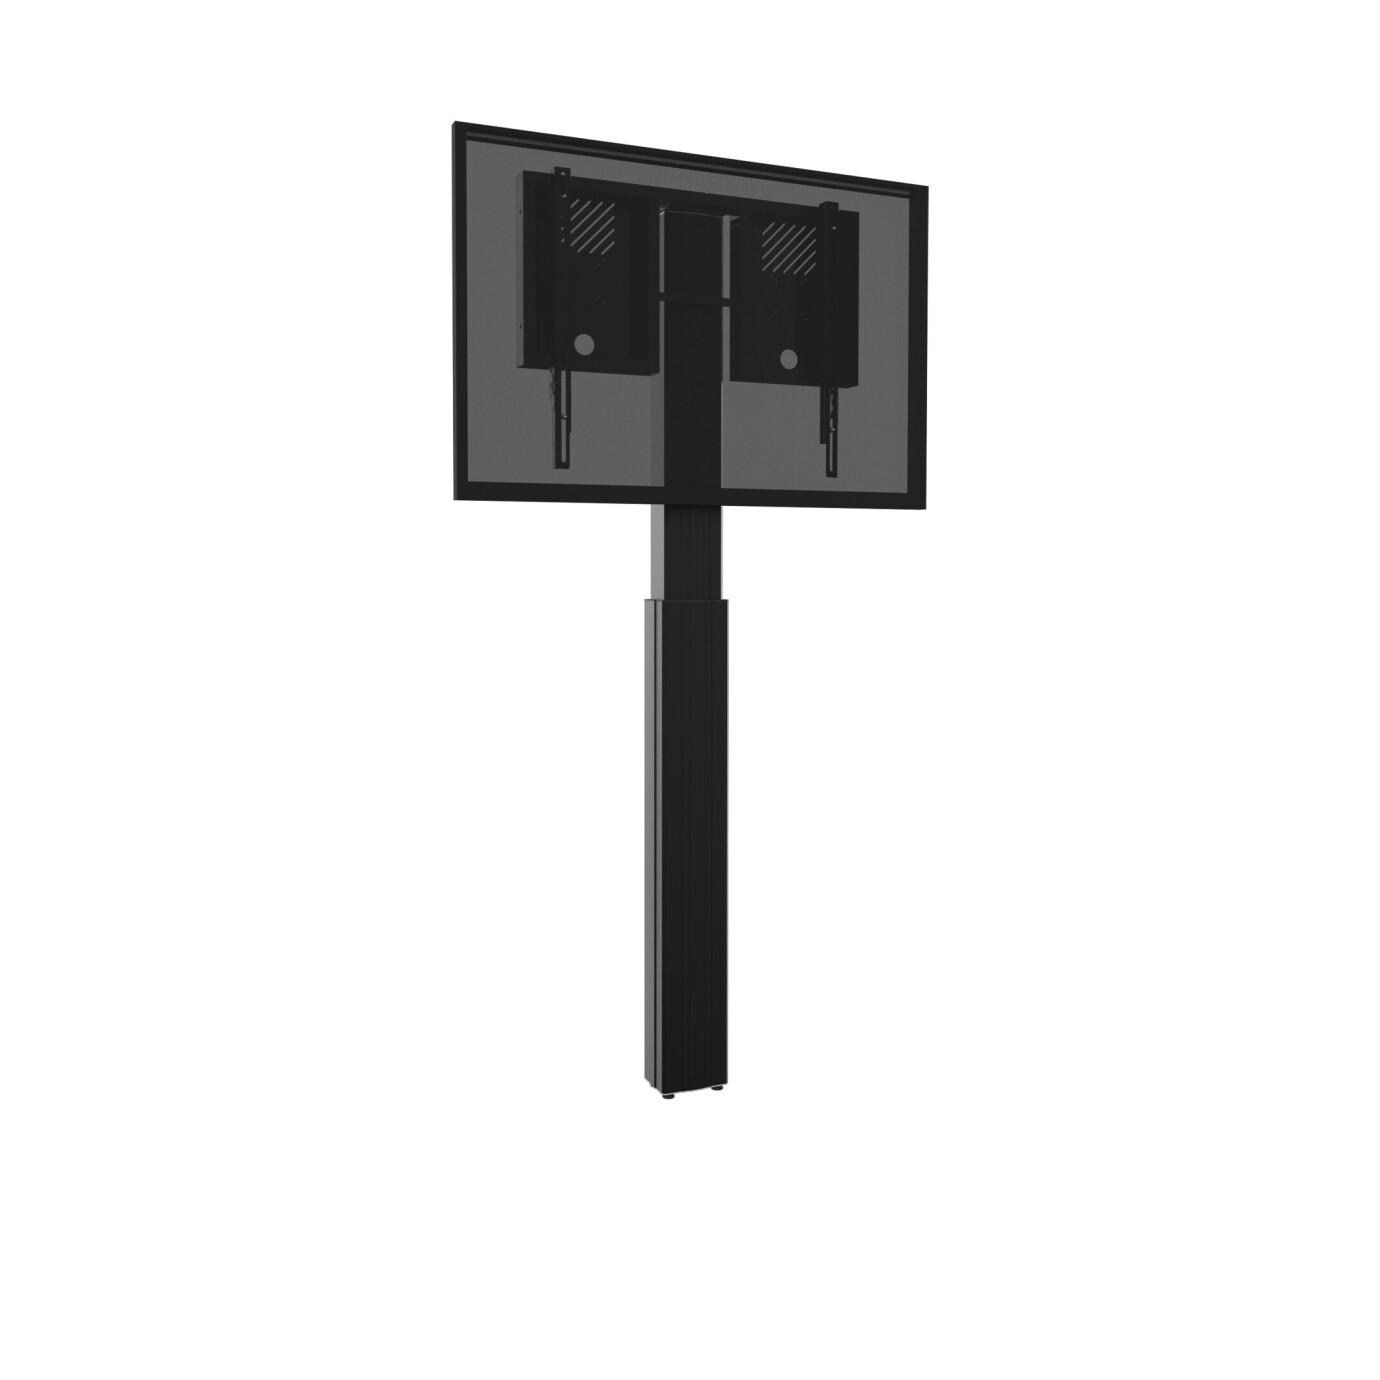 celexon Expert elektrisch höhenverstellbarer Display-Ständer Adjust-4286WB mit Wandbefestigung - 90cm